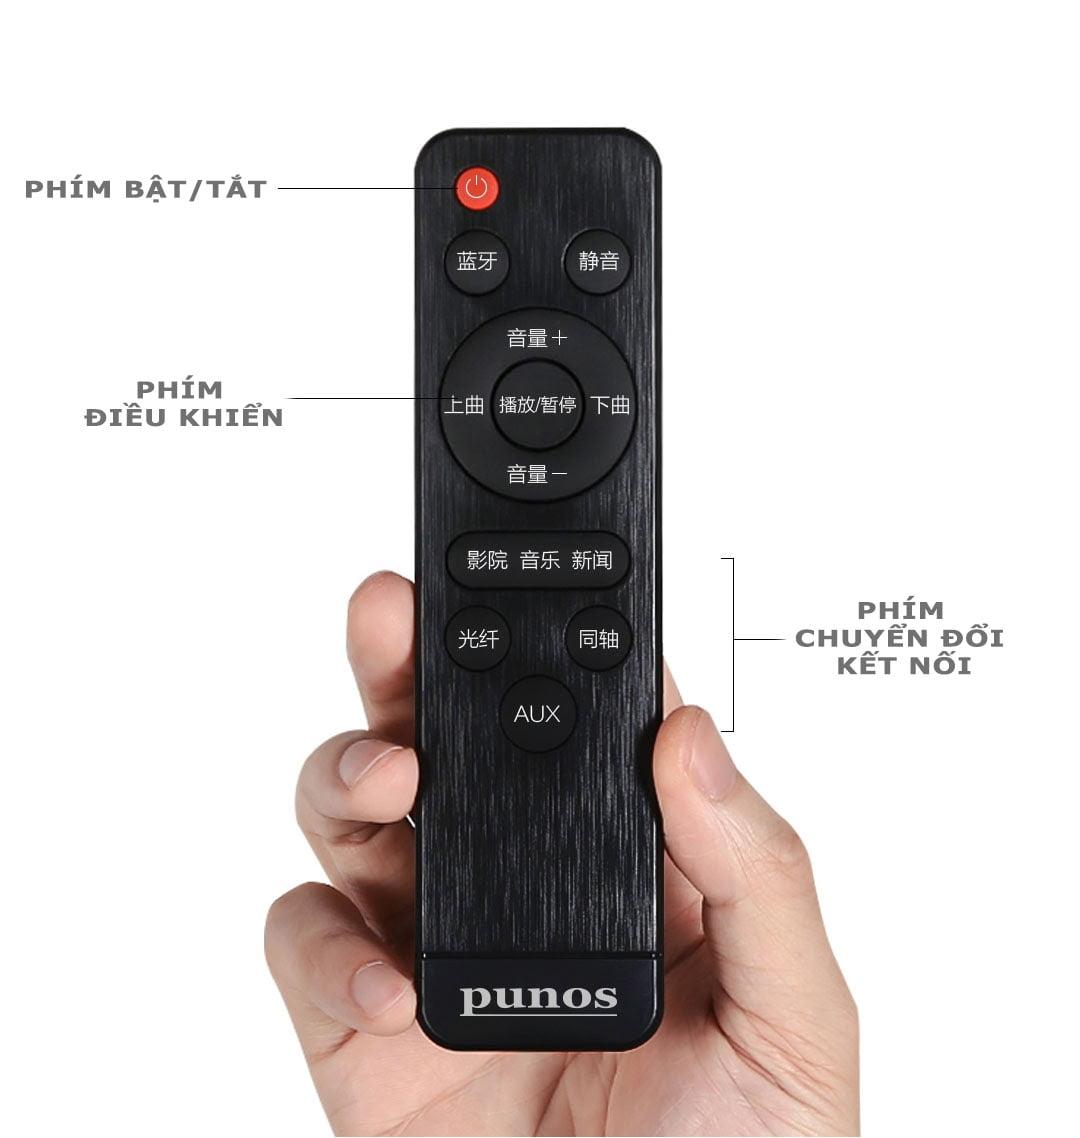 loa soundbar tv punos ps 20 605da2cda00da